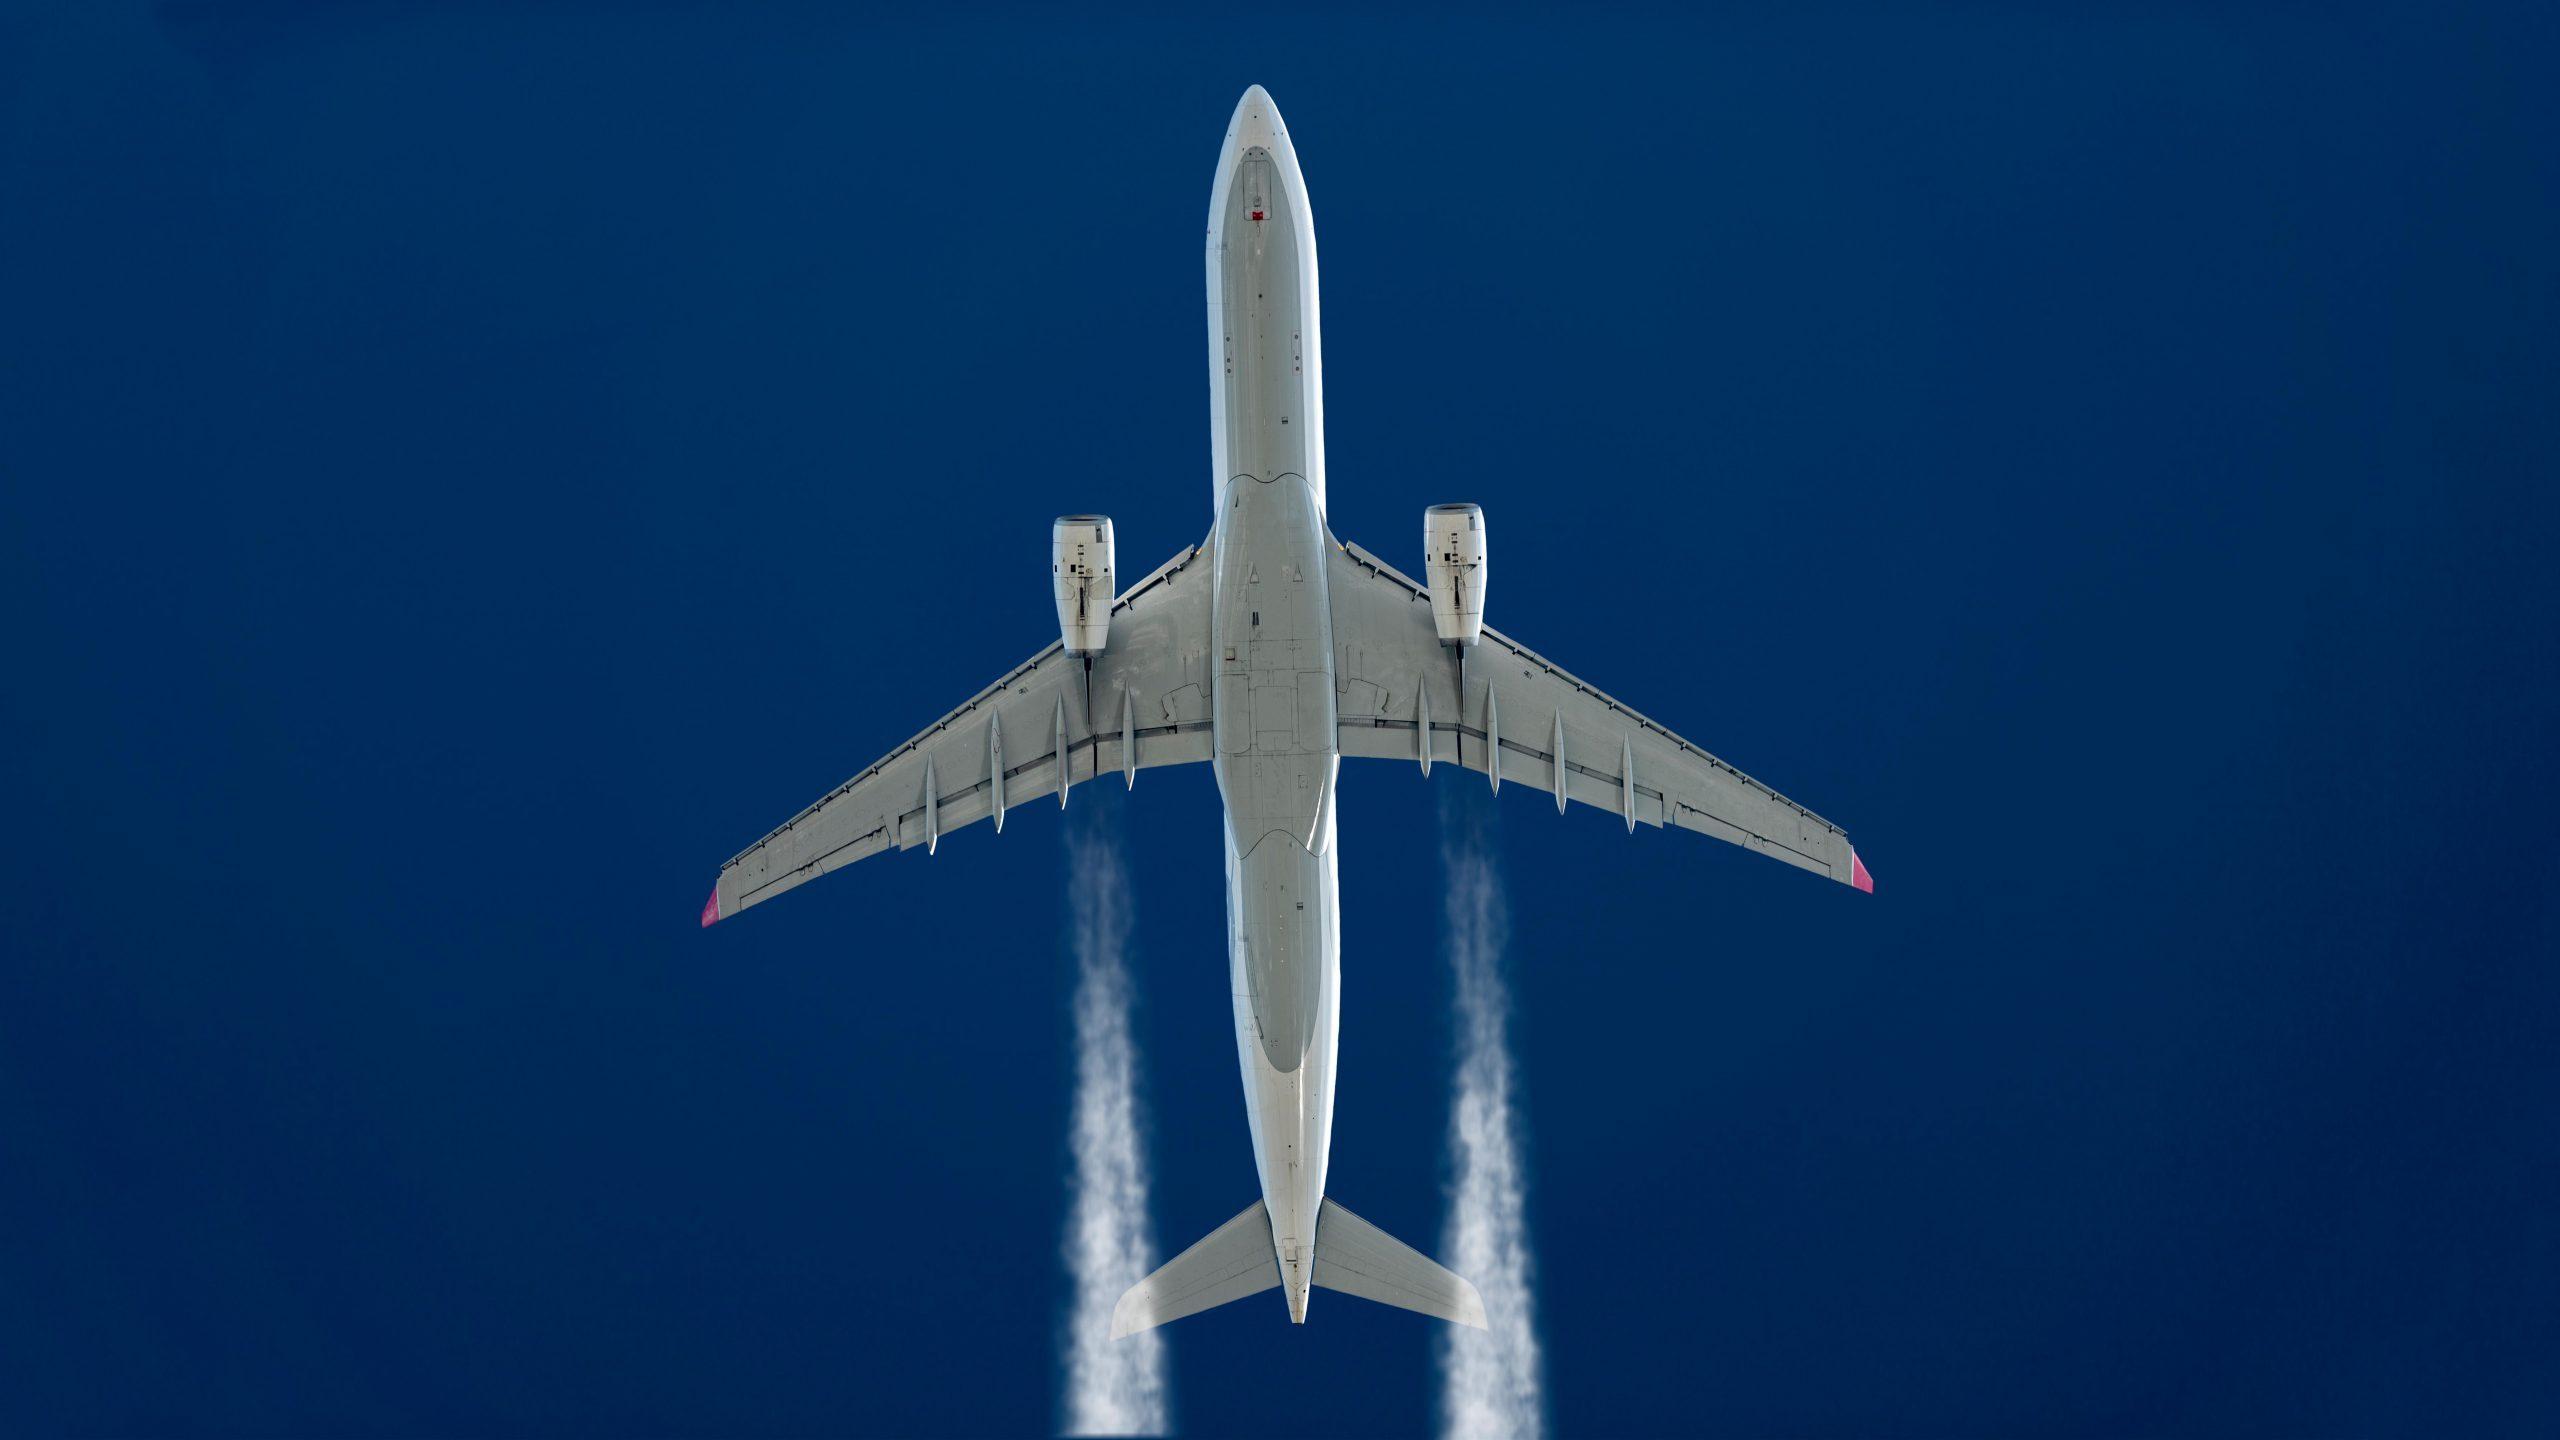 underside of a plane flying. blue sky background. vapor trails.